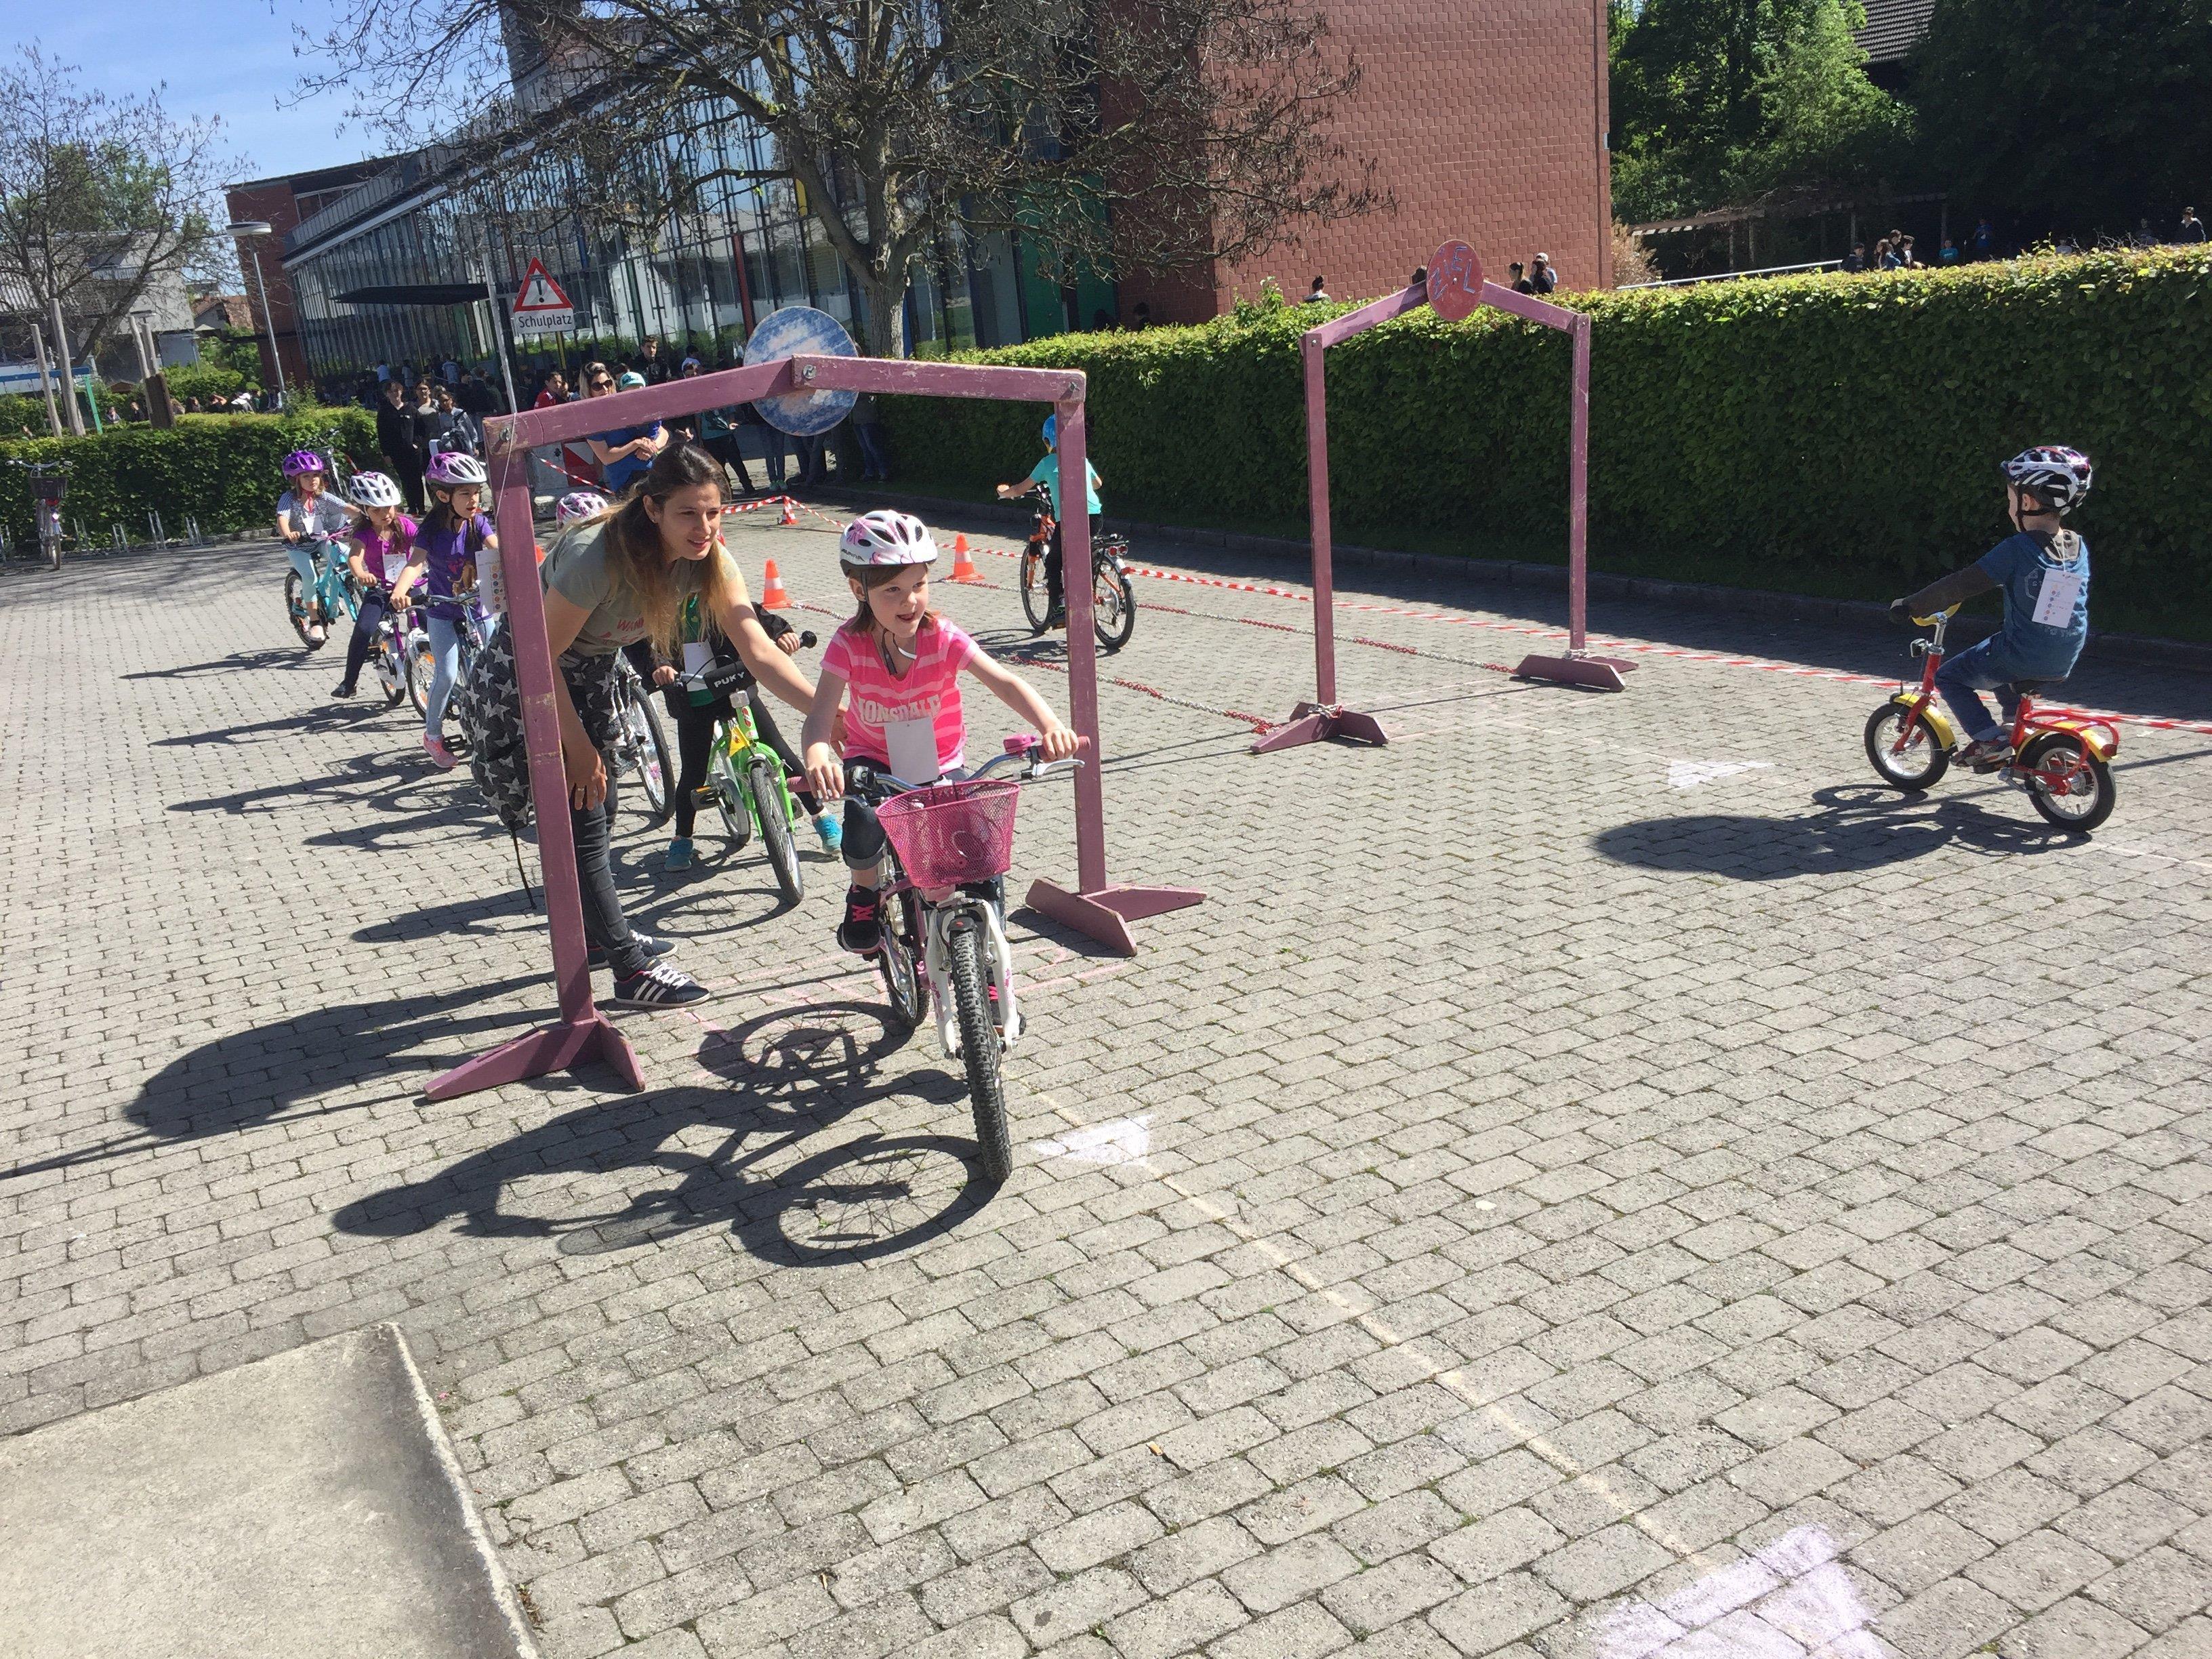 Beim Radfest drehte sich alles um Fahrradhelme, Geschicklichkeit, sicheres Fahren und Spaß.